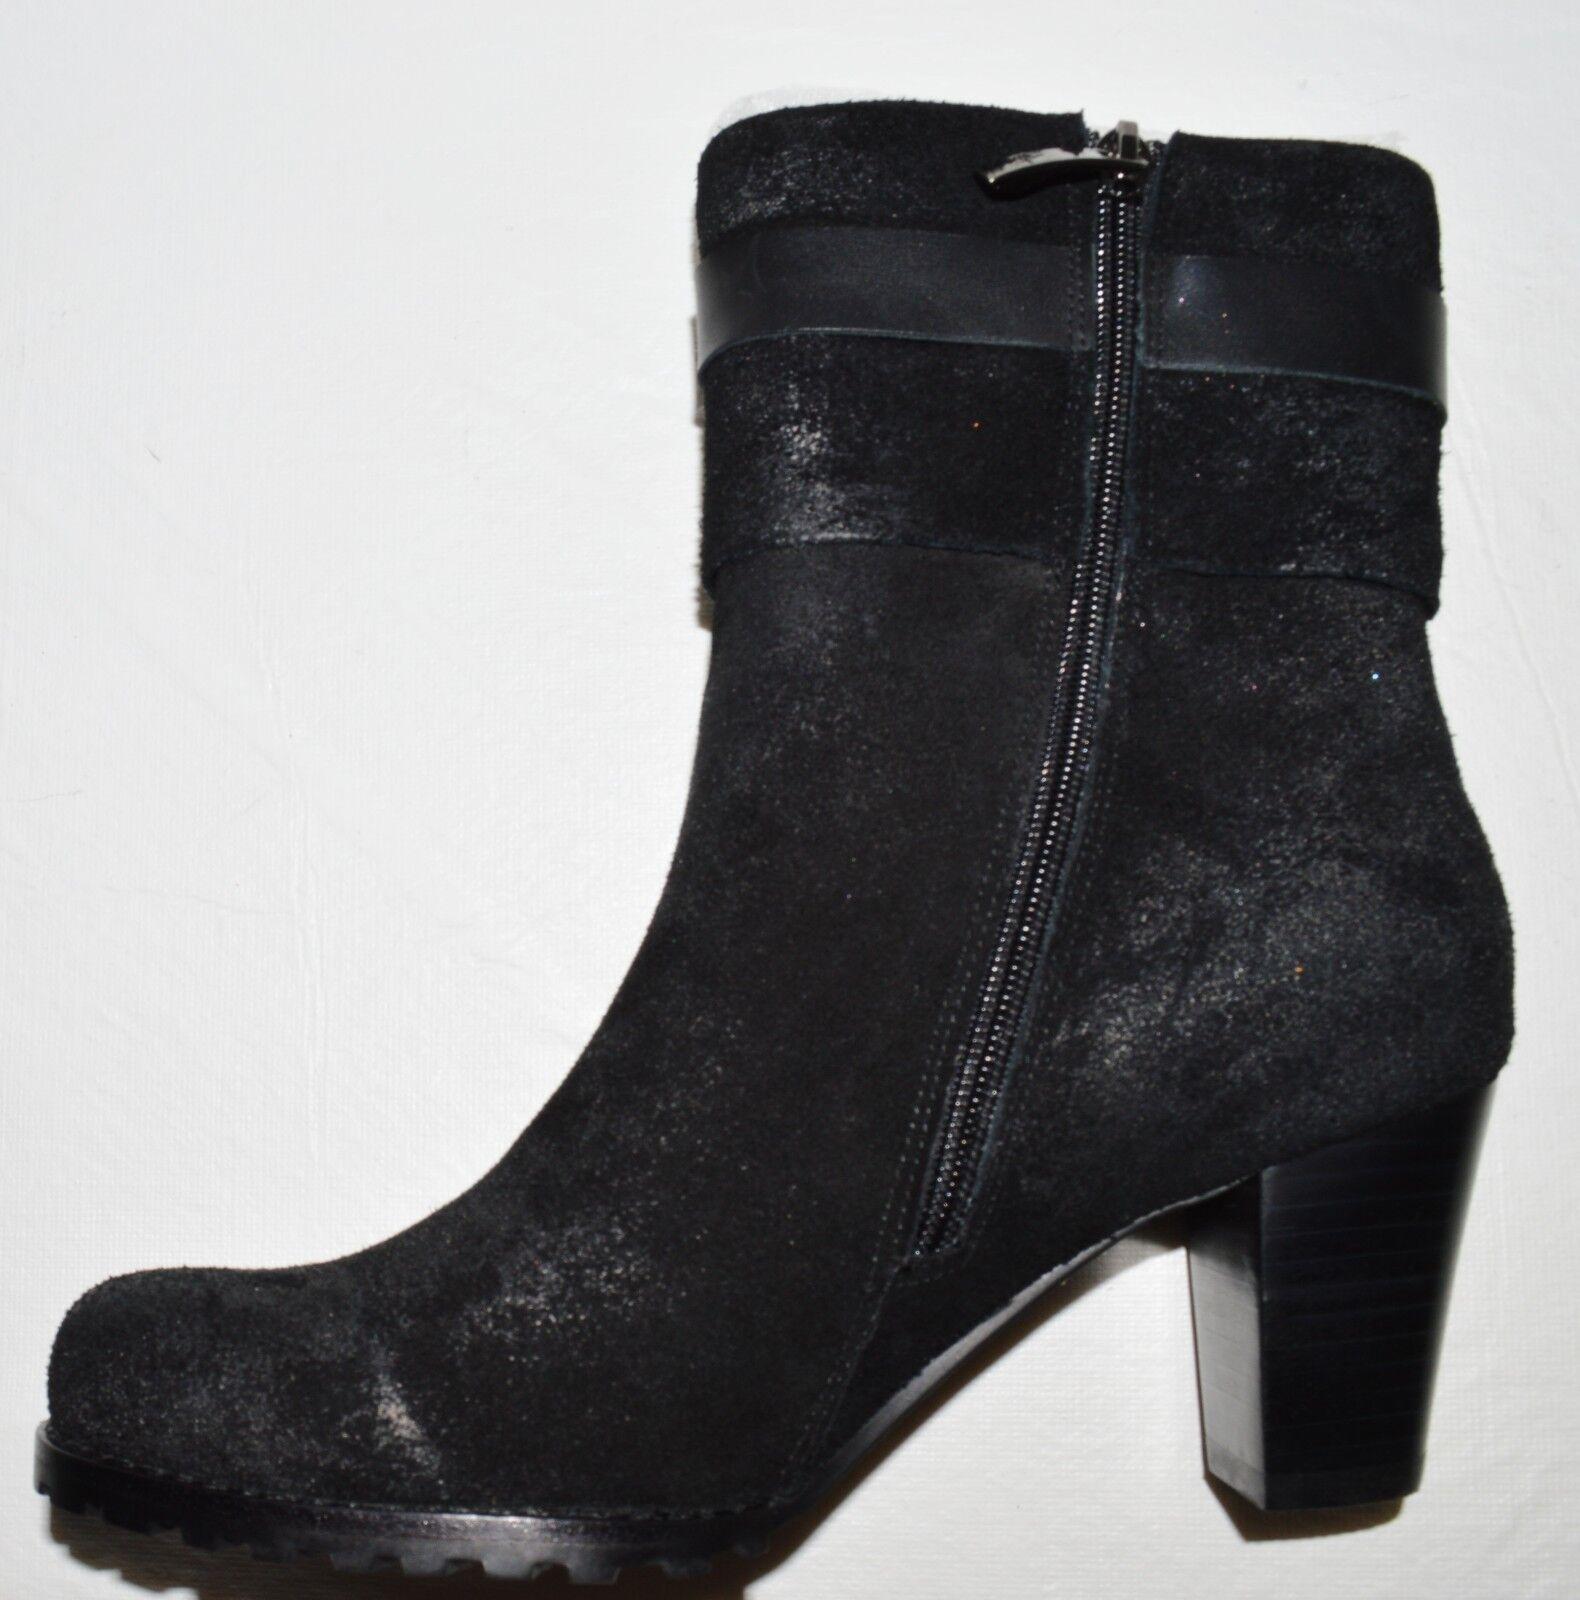 ANTELOPE ANTELOPE ANTELOPE NEW NIB SZ 7.5 M 38 EU BLACK SUEDE LEATHER ANKLE Stiefel BOOTIES HEELS fd78f1